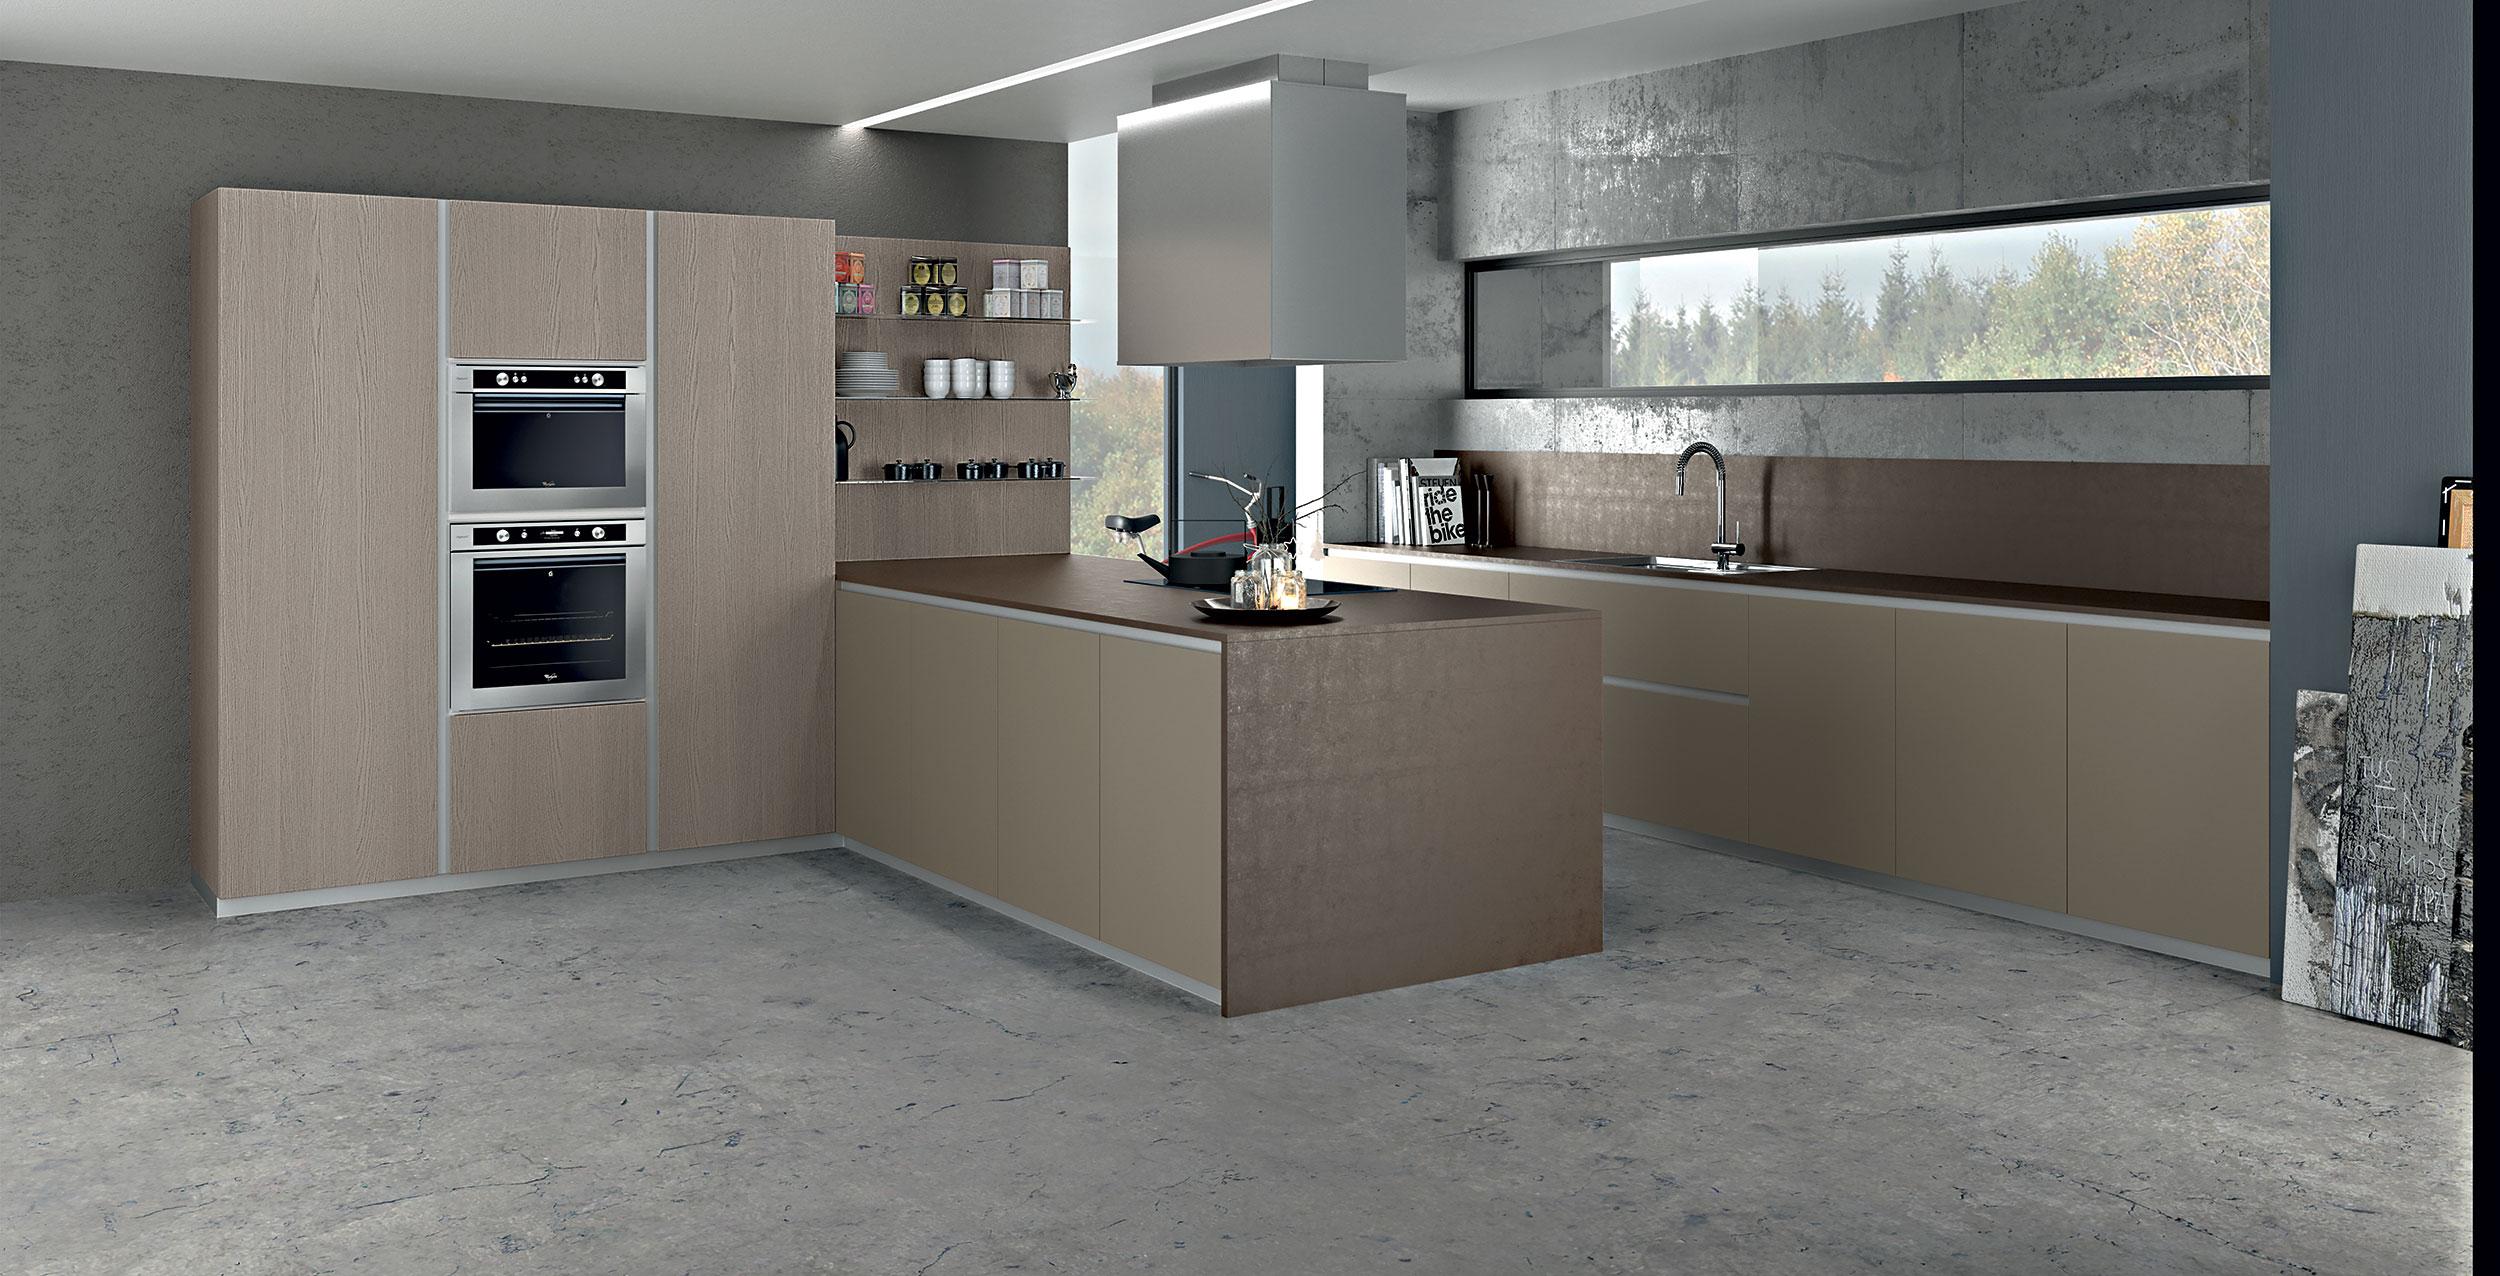 Zeta surprend par sa versatilité esthétique, et offre l'émotion d'un choix unique et original. La porte de design, de 22mm d'épaisseur, l'alliance parfaite du bois et de l'aluminium, exalte les lignes franches et rigoureuses de la cuisine et est résultat d'une recherche technique et esthétique. La finition originale Pet en deux couleurs opaques et brillantes est le fruit de la créativité italienne, l'effet du mélaminé thermo-structuré en cinq variations, 24 couleurs laquées opaques ou translucides, 8 métallisés et le laqué exclusif Iron avec un effet métallique créent une vaste gamme de possibilités pour satisfaire les demandes les plus originales et contemporaines.